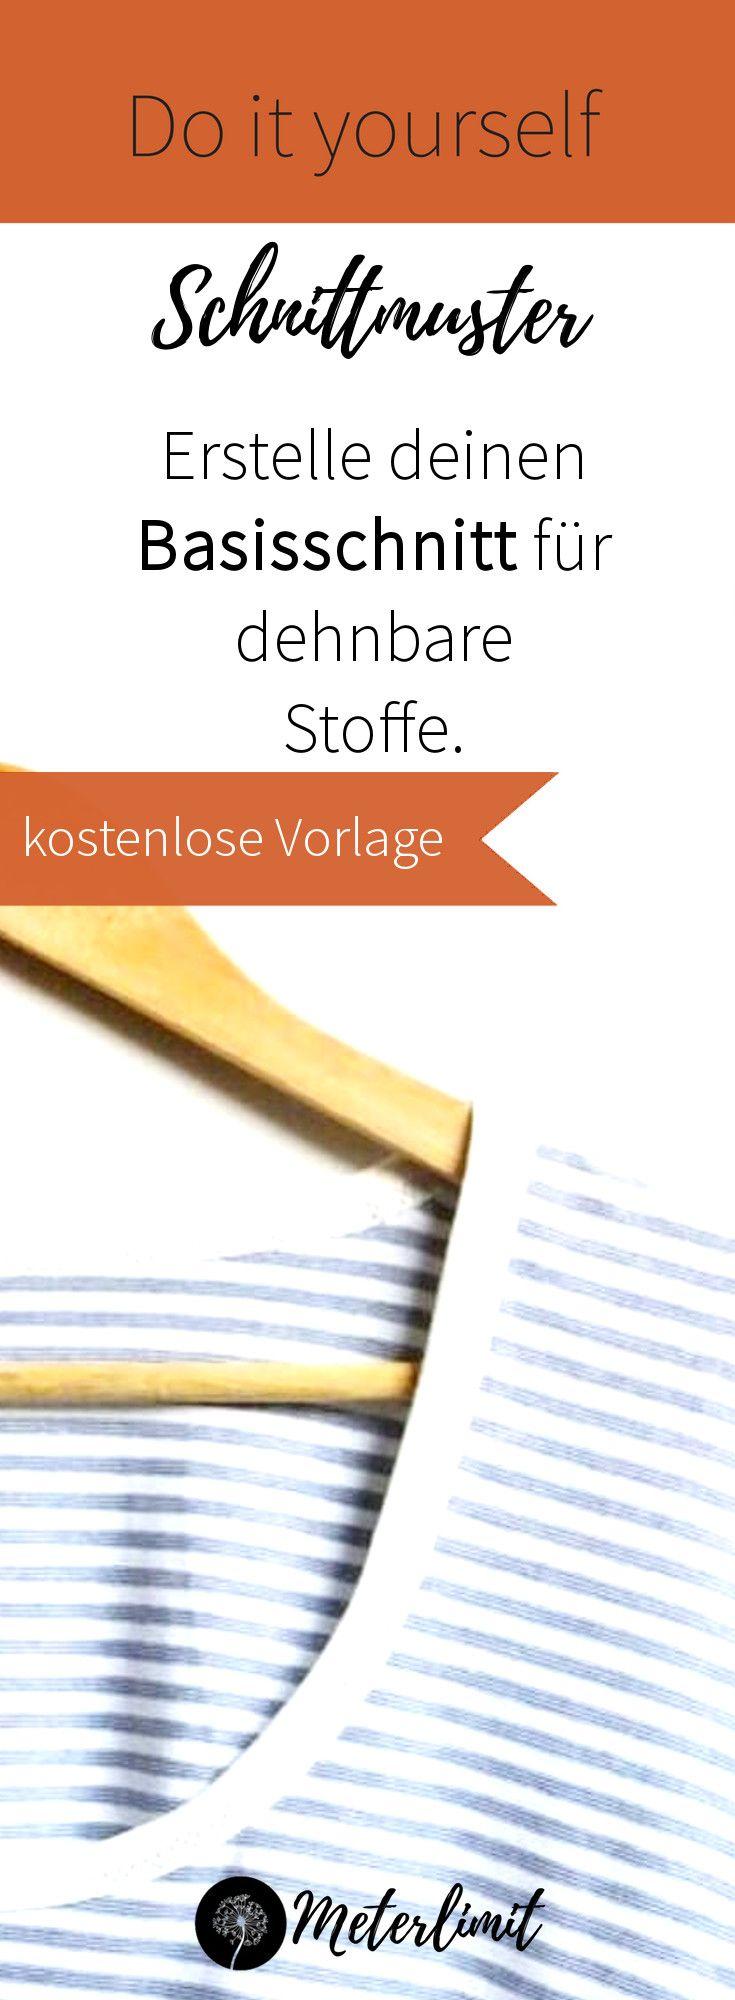 295 best Nähen || sewing images on Pinterest | Brieftaschen ...